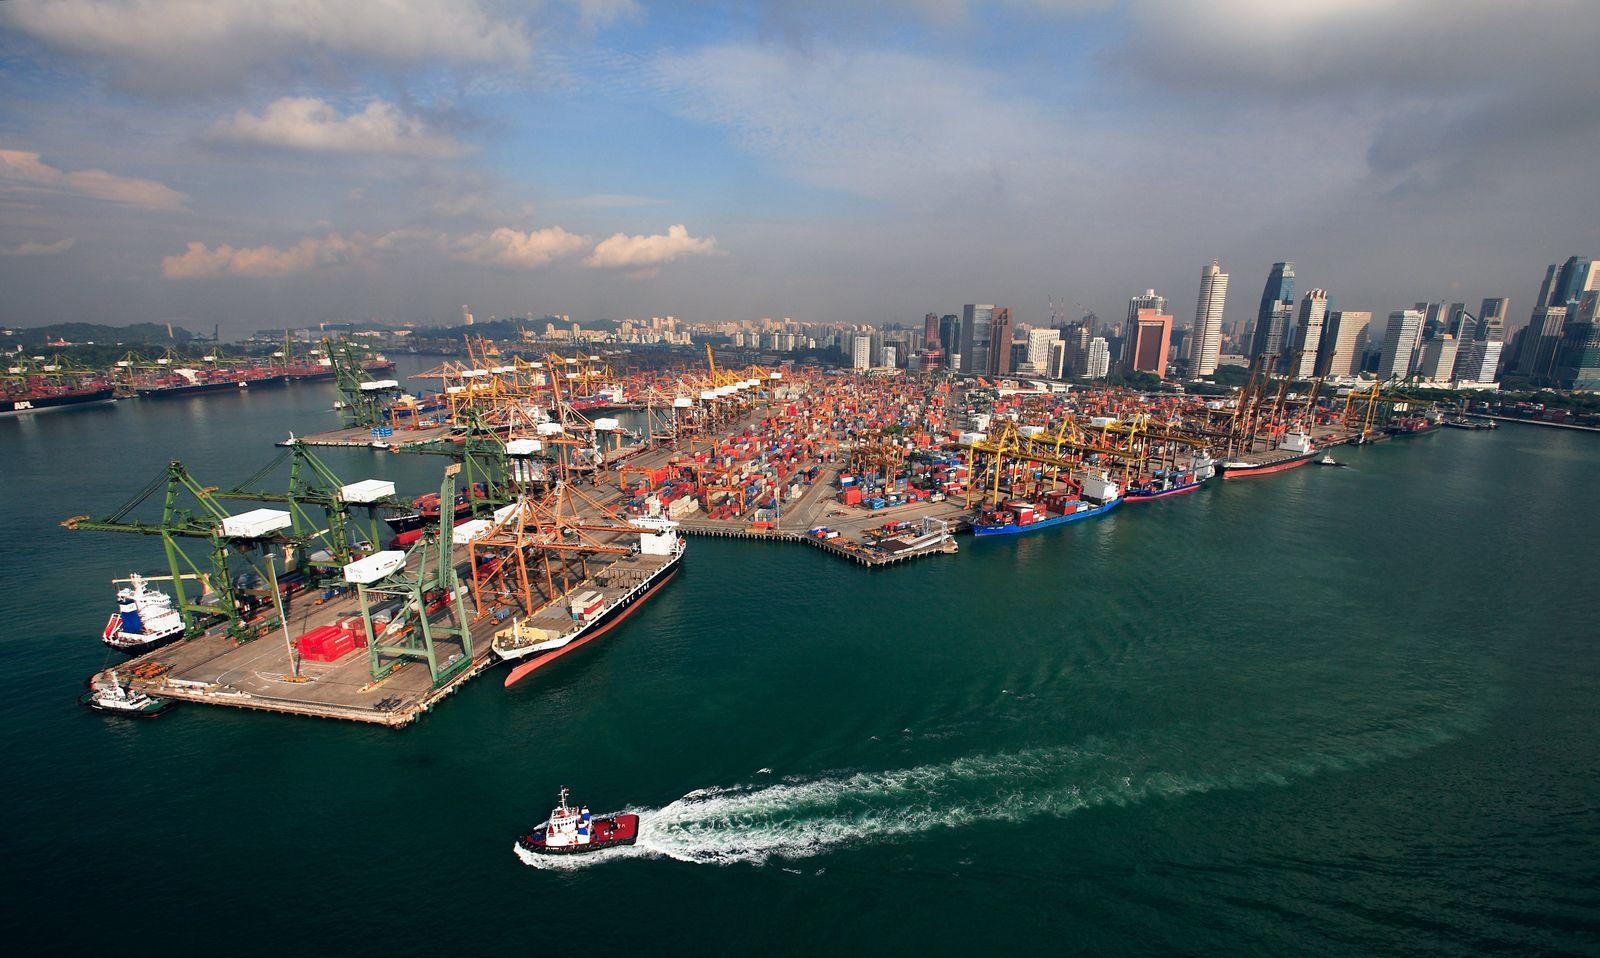 THEMA mmO: Weltwirtschaft / Containerschiffe / Handel / Weltgrößter Containerhafen Singapur